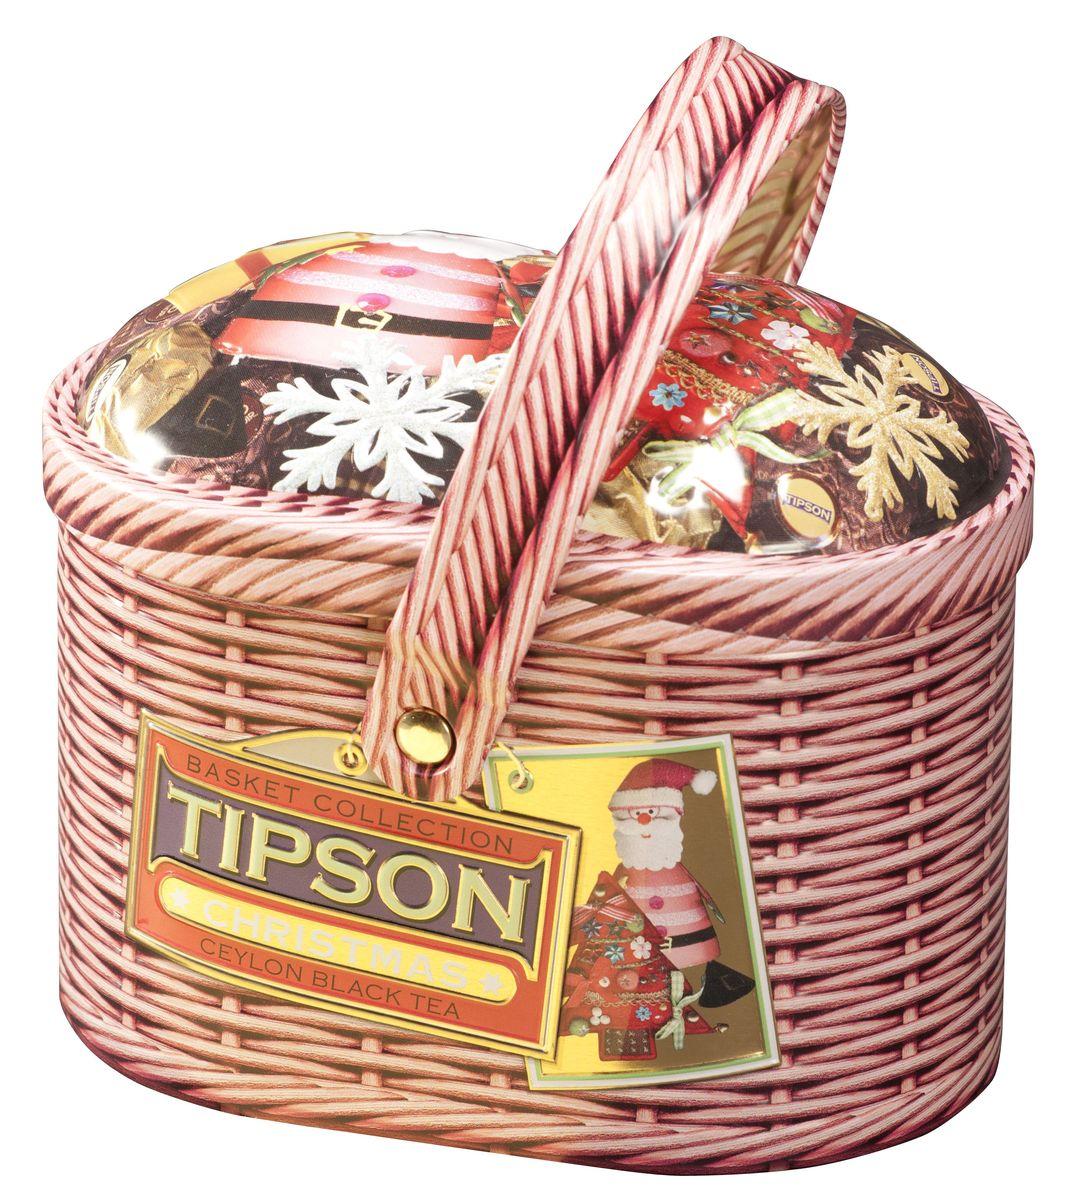 Tipson Christmas черный листовой чай, 100 г (жестяная банка)80060-00Чай чёрный цейлонский байховый листовой Tipson Christmas с кусочками вишни, лепестками амаранта и василька и ароматом ванили.